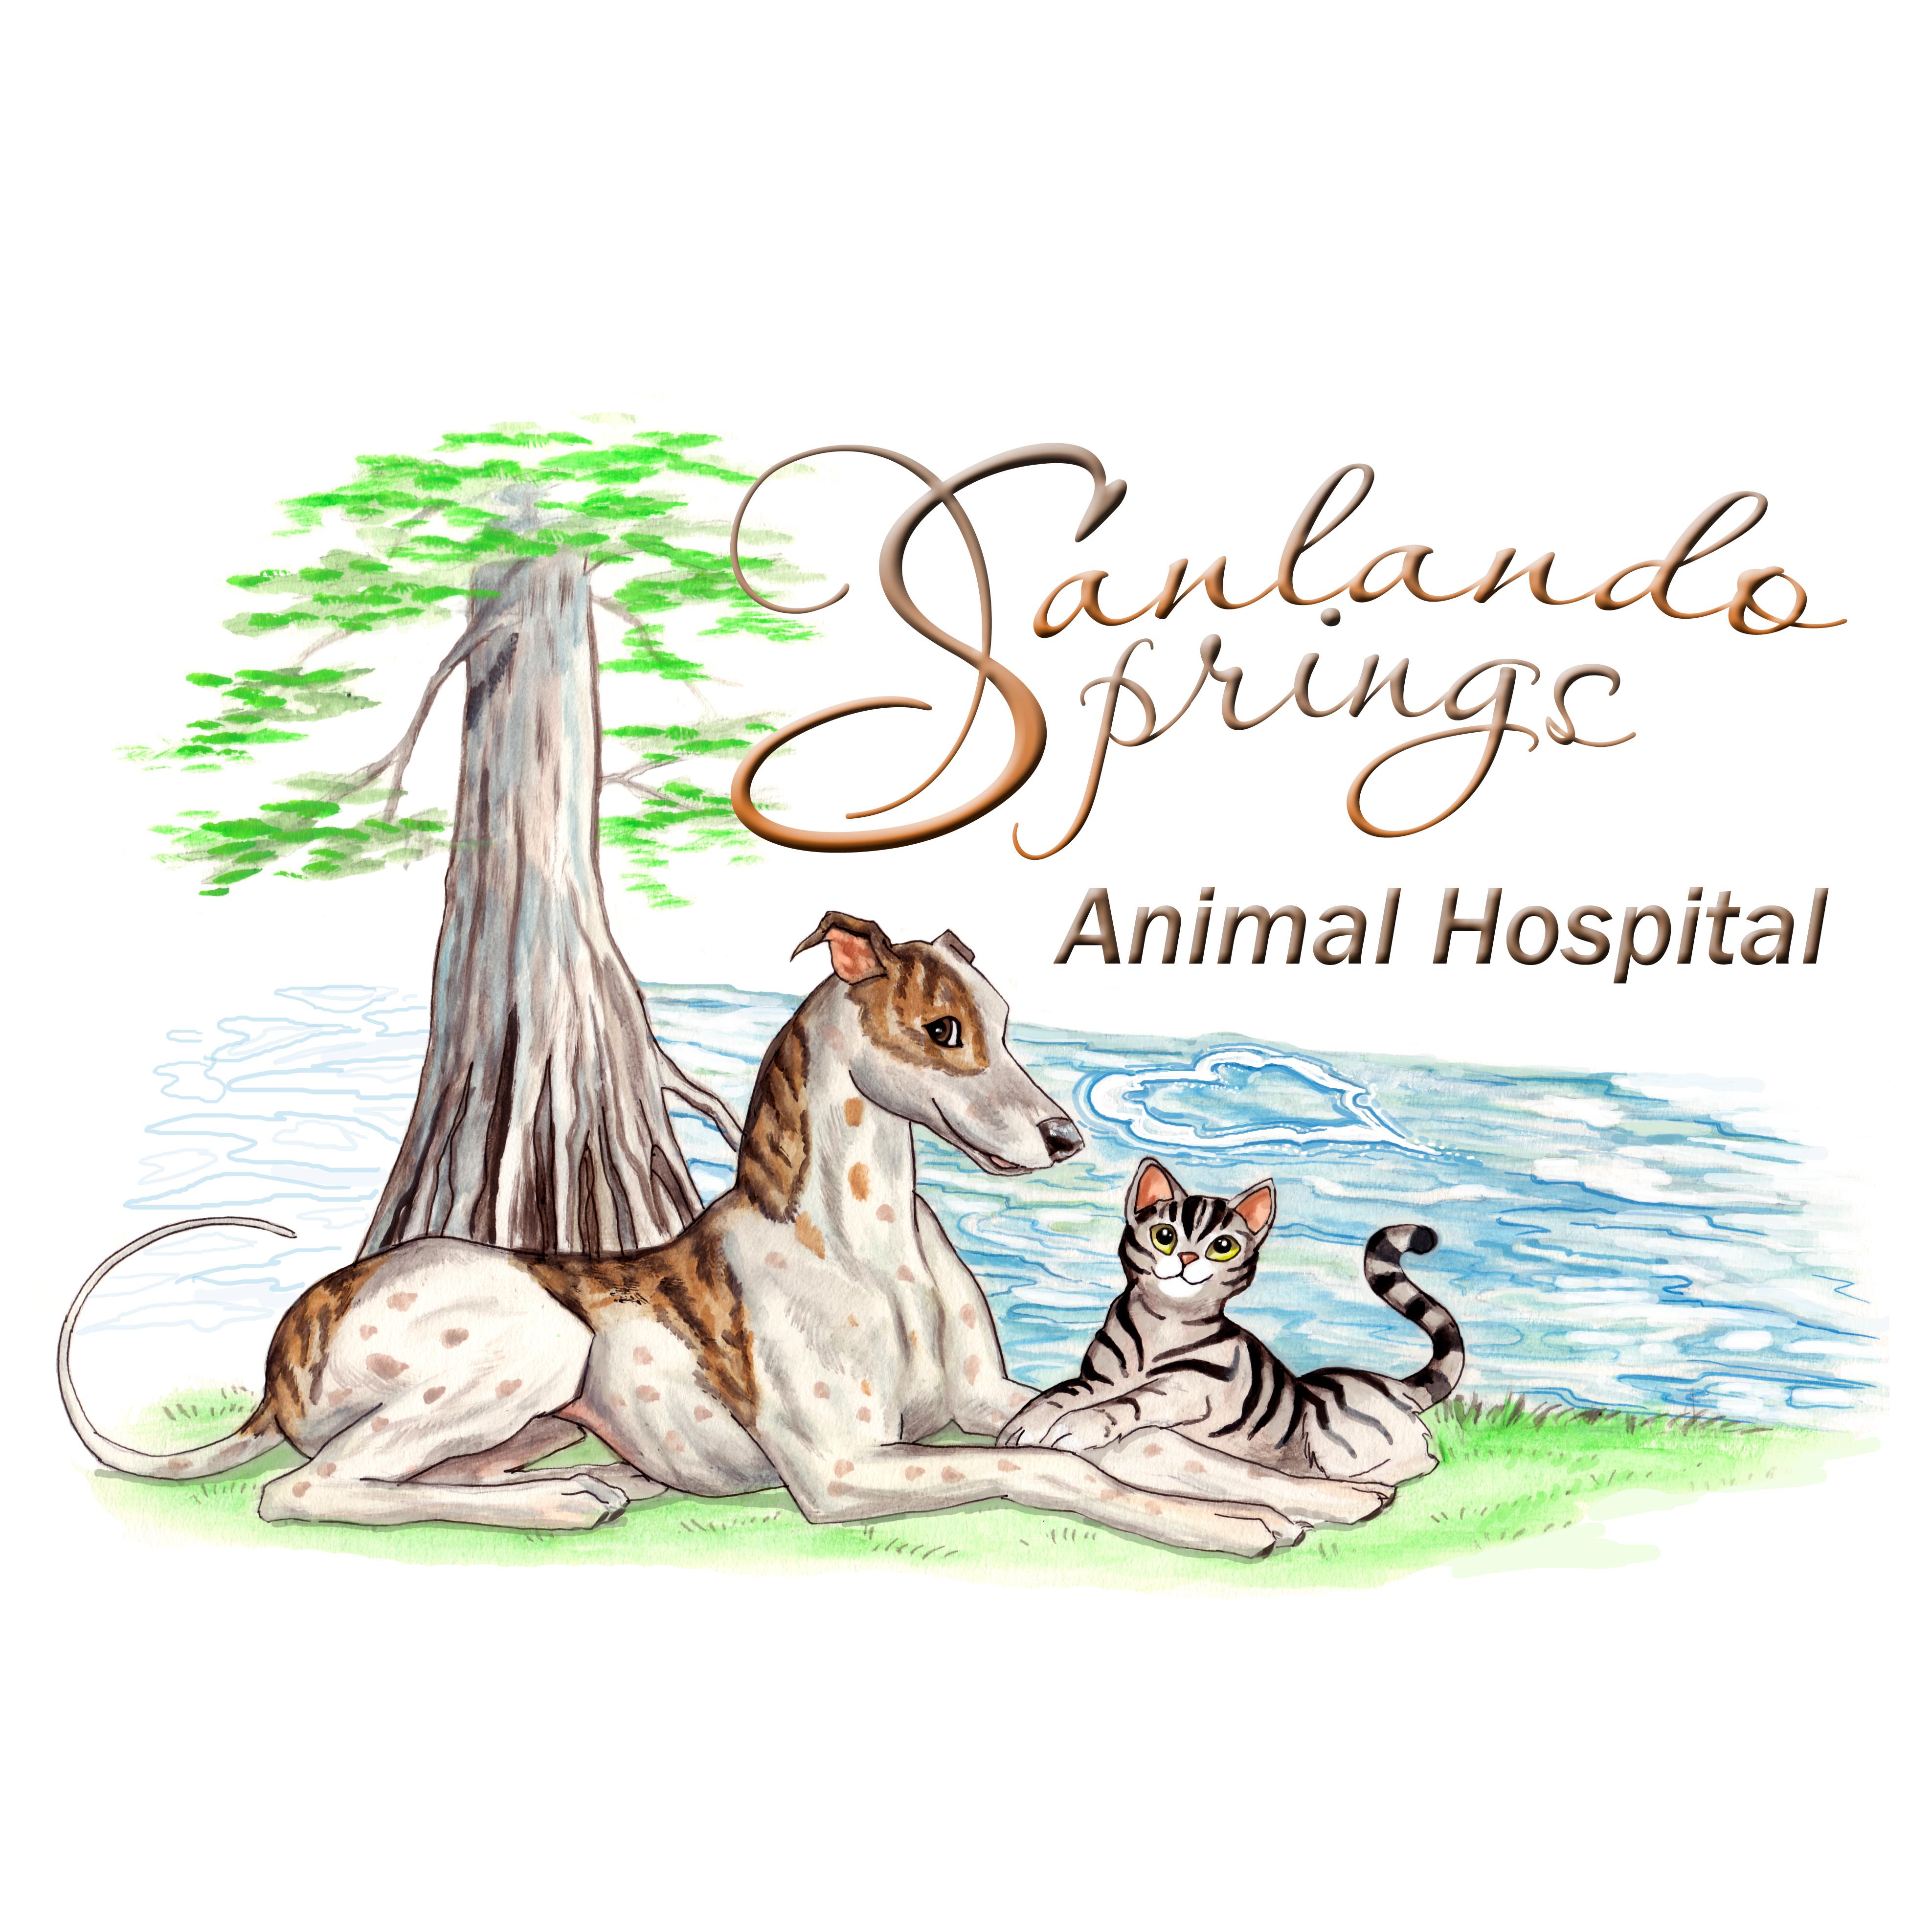 Sanlando Springs Animal